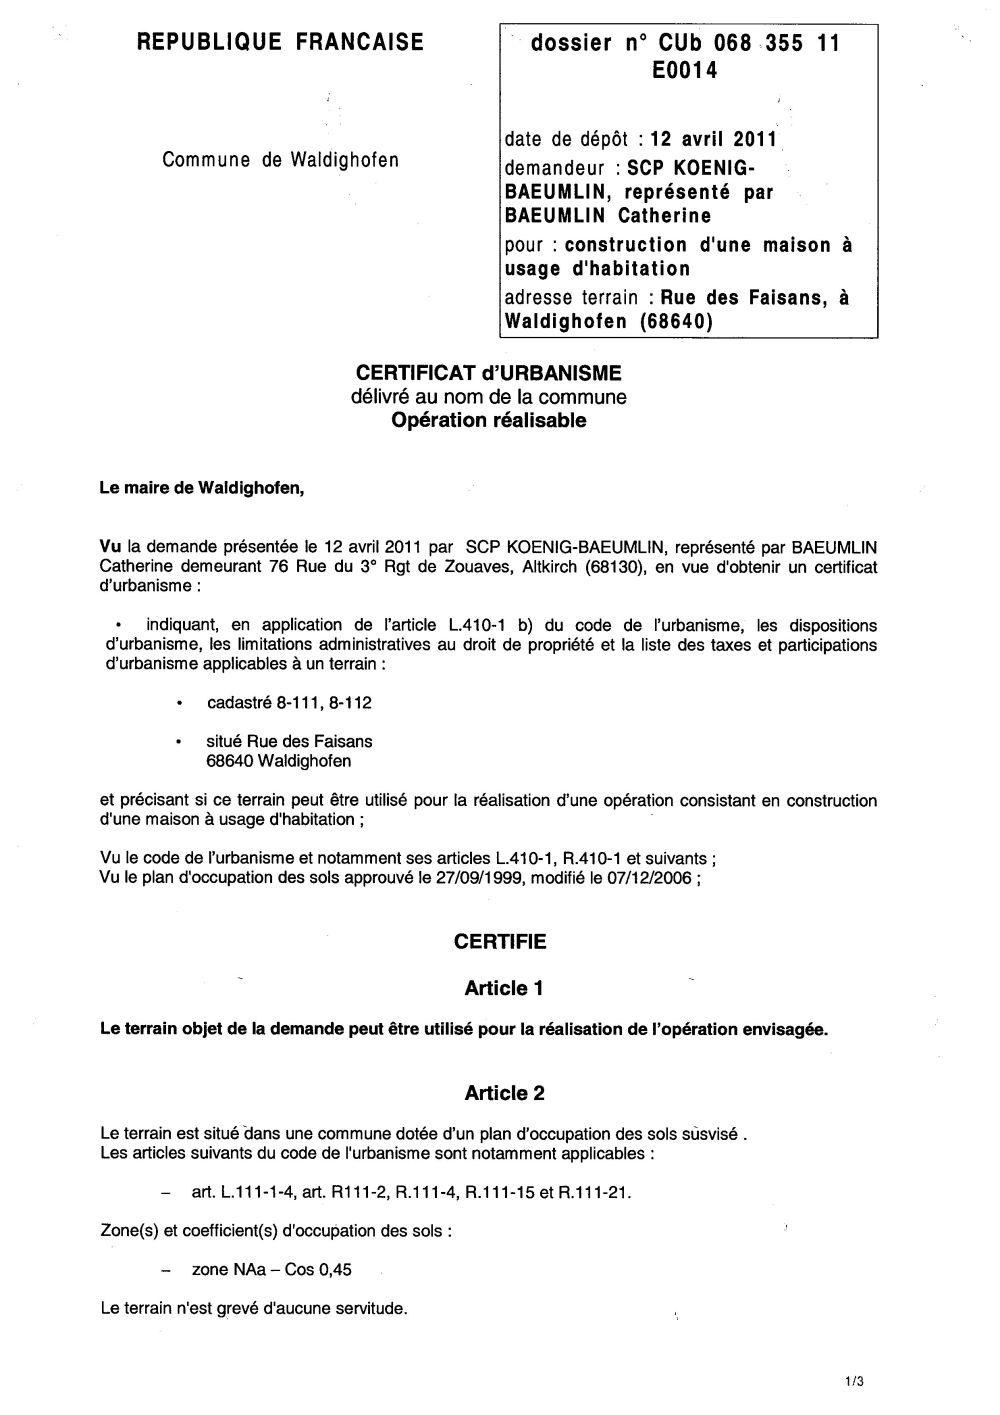 Certificat D Urbanisme Operationnel N 11e0014 Me Catherine Baeumlin